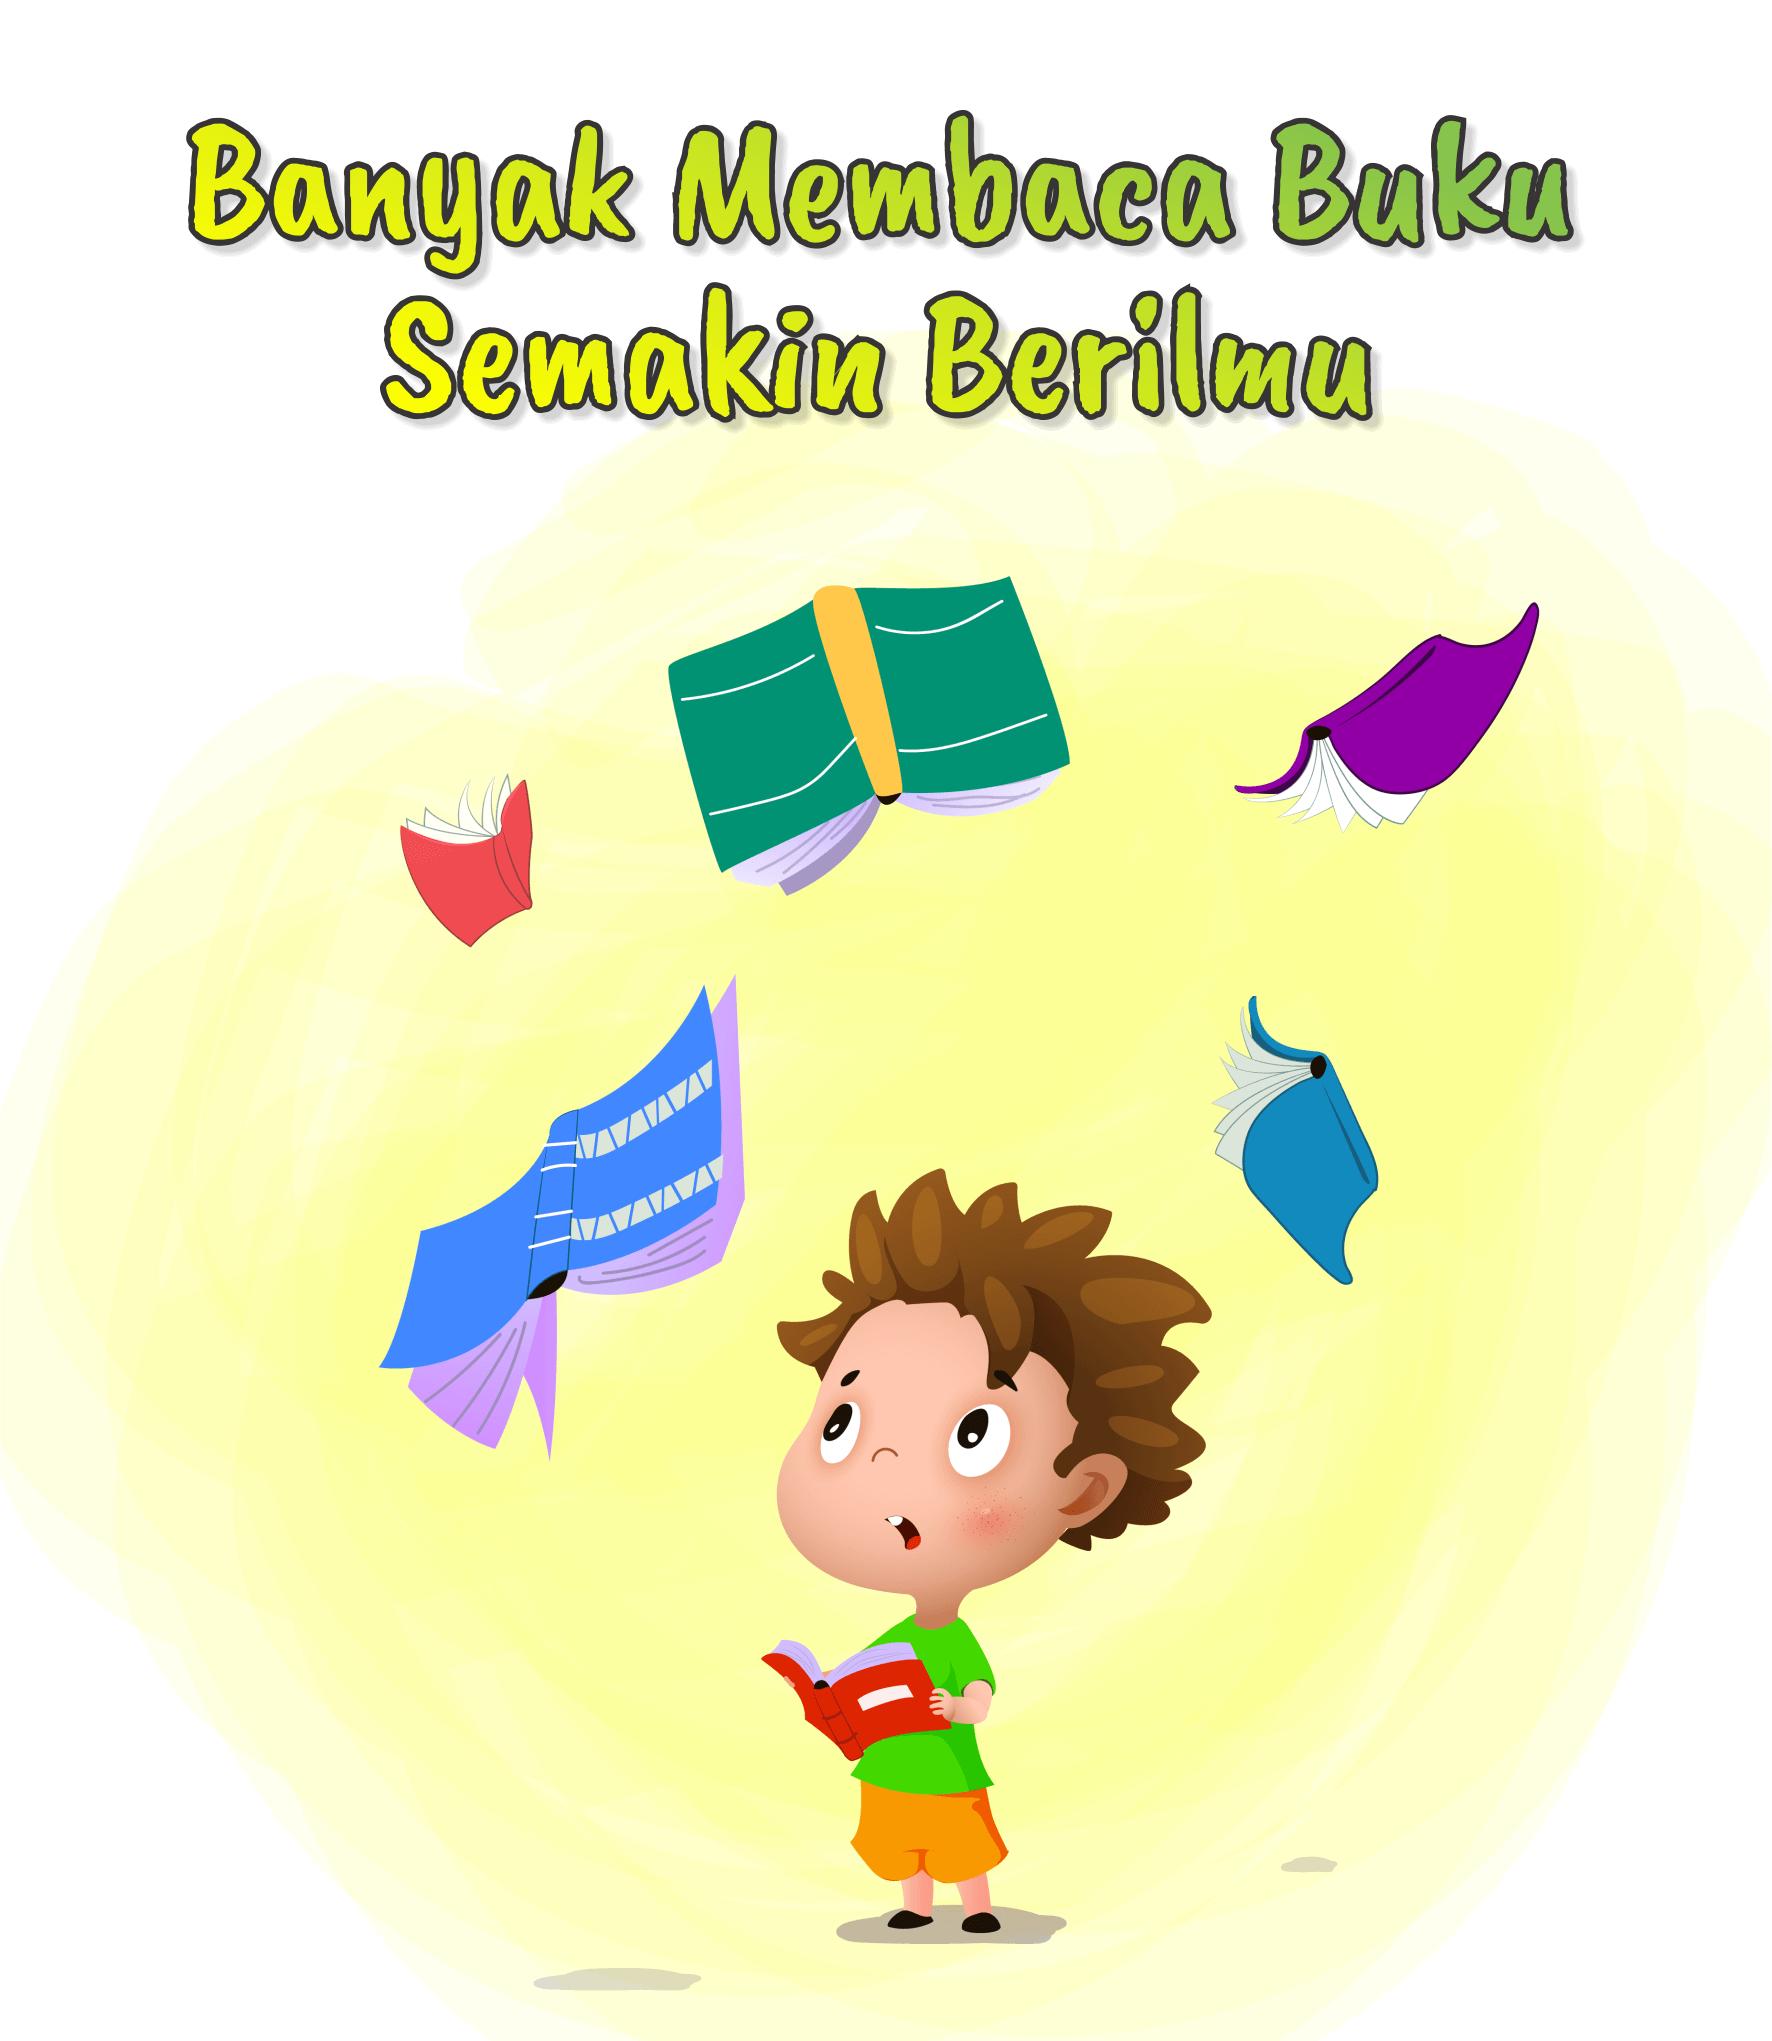 Contoh Gambar Poster Pendidikan Desain Terbaru Keren Abis